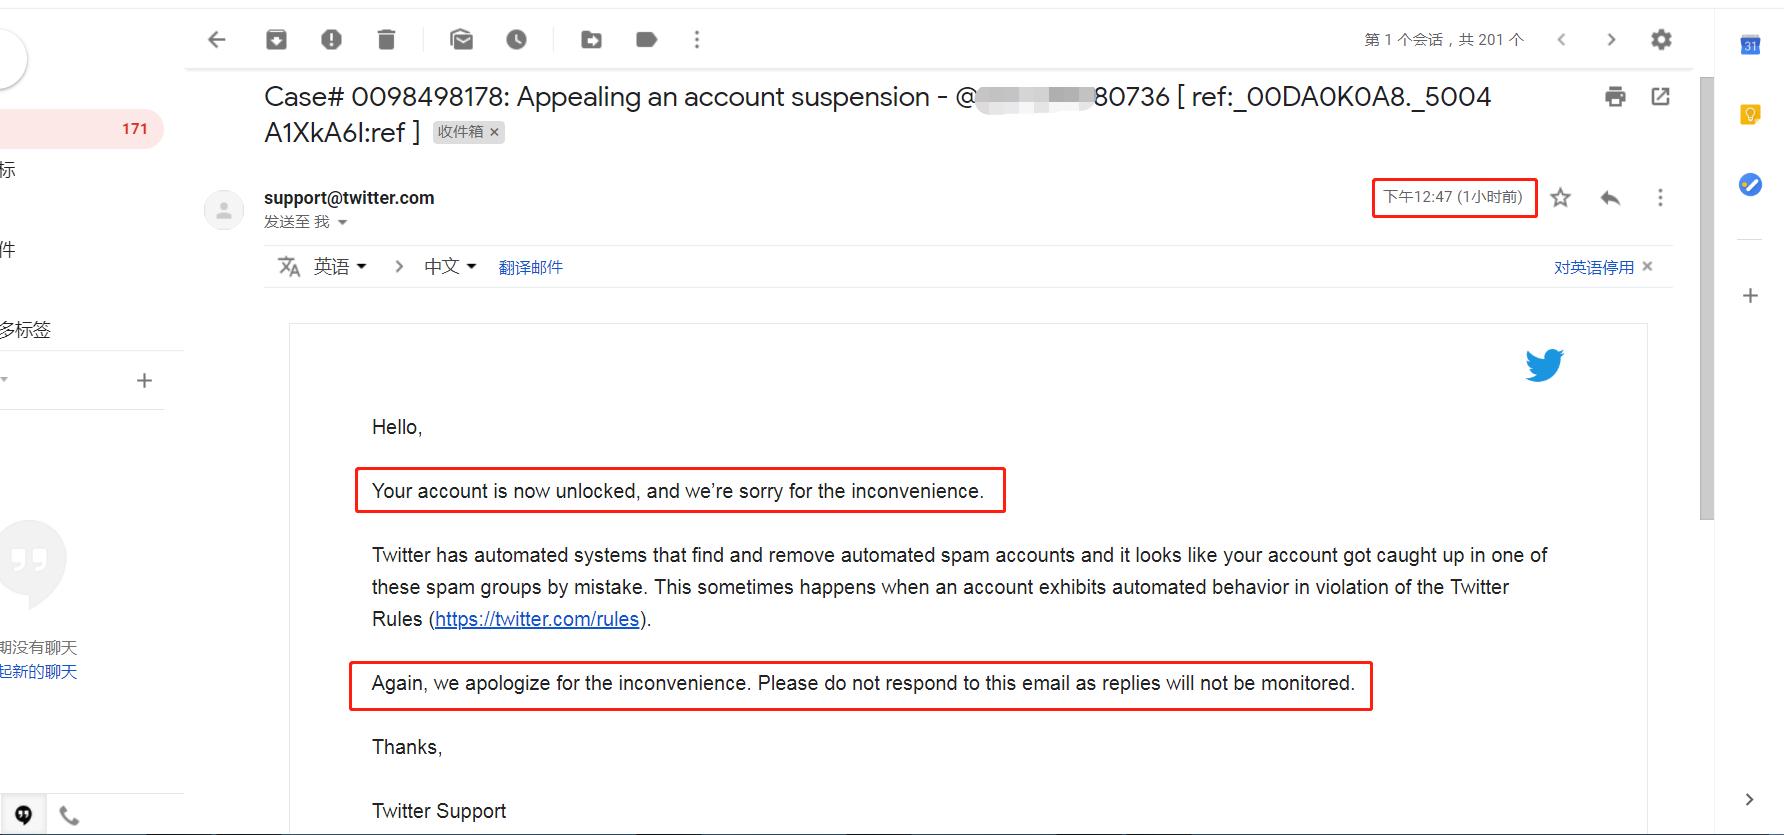 官方解冻邮件回复